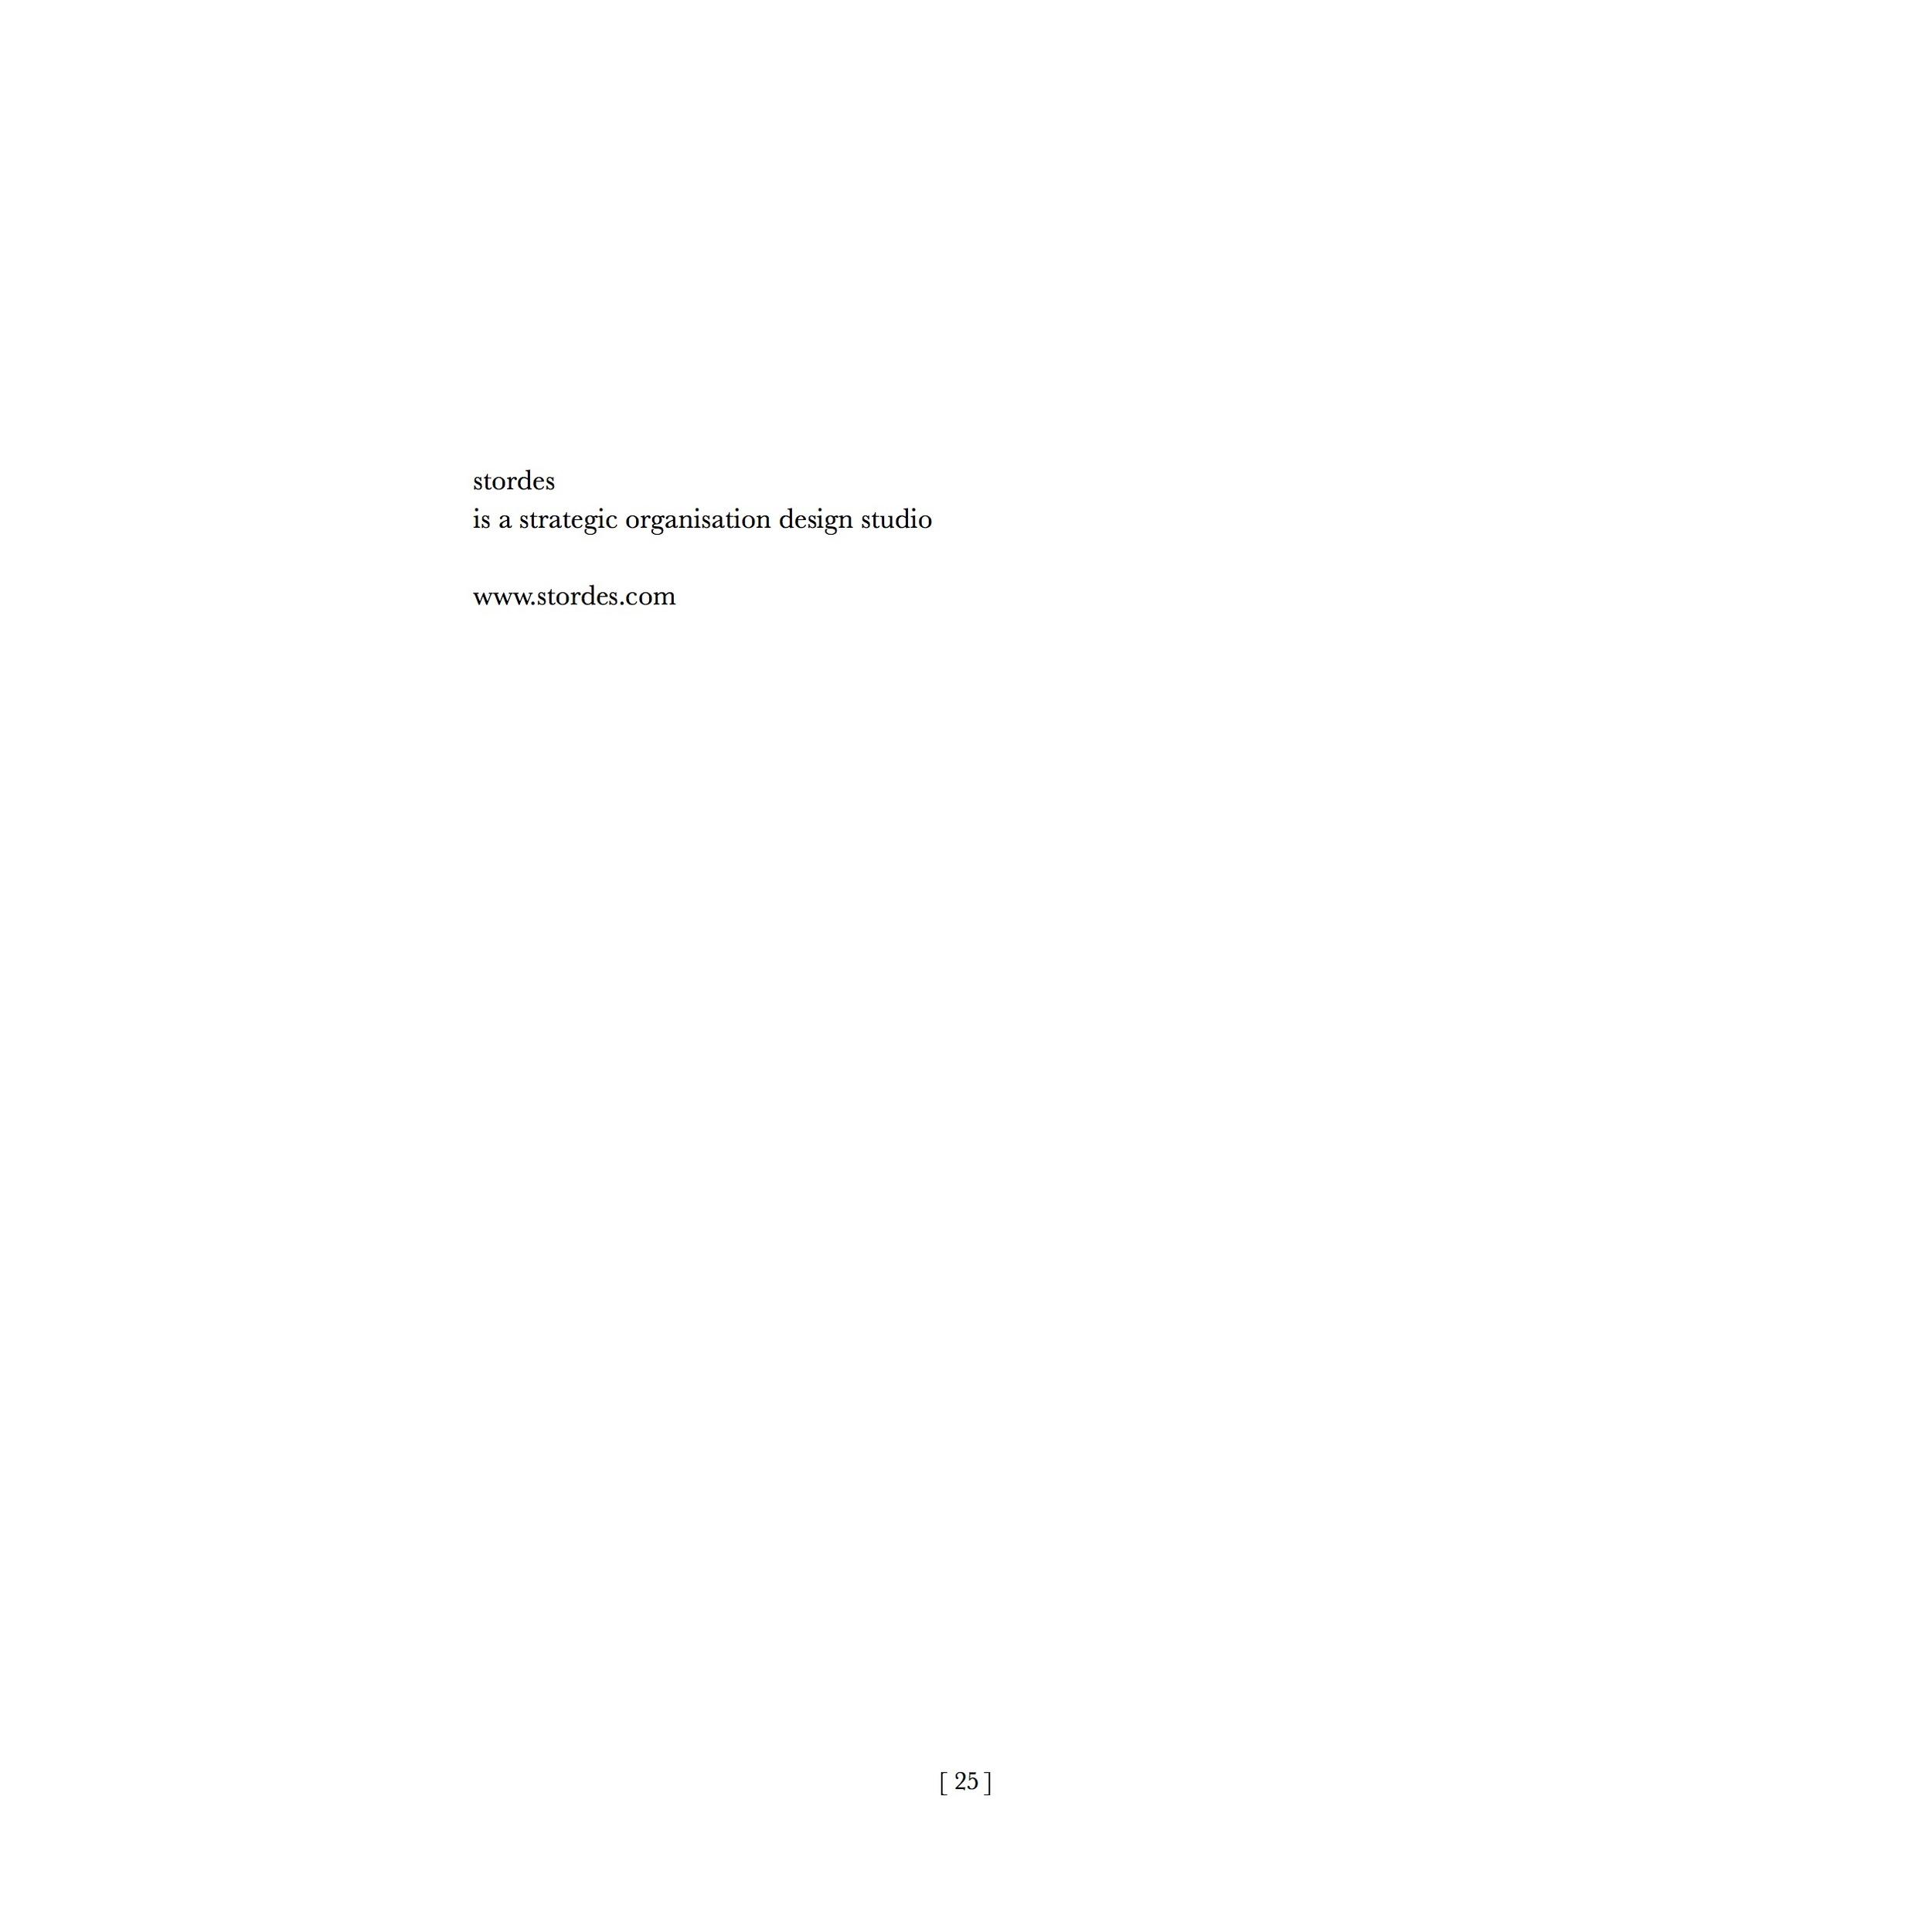 Manifesto v09.1.1 p25.jpg